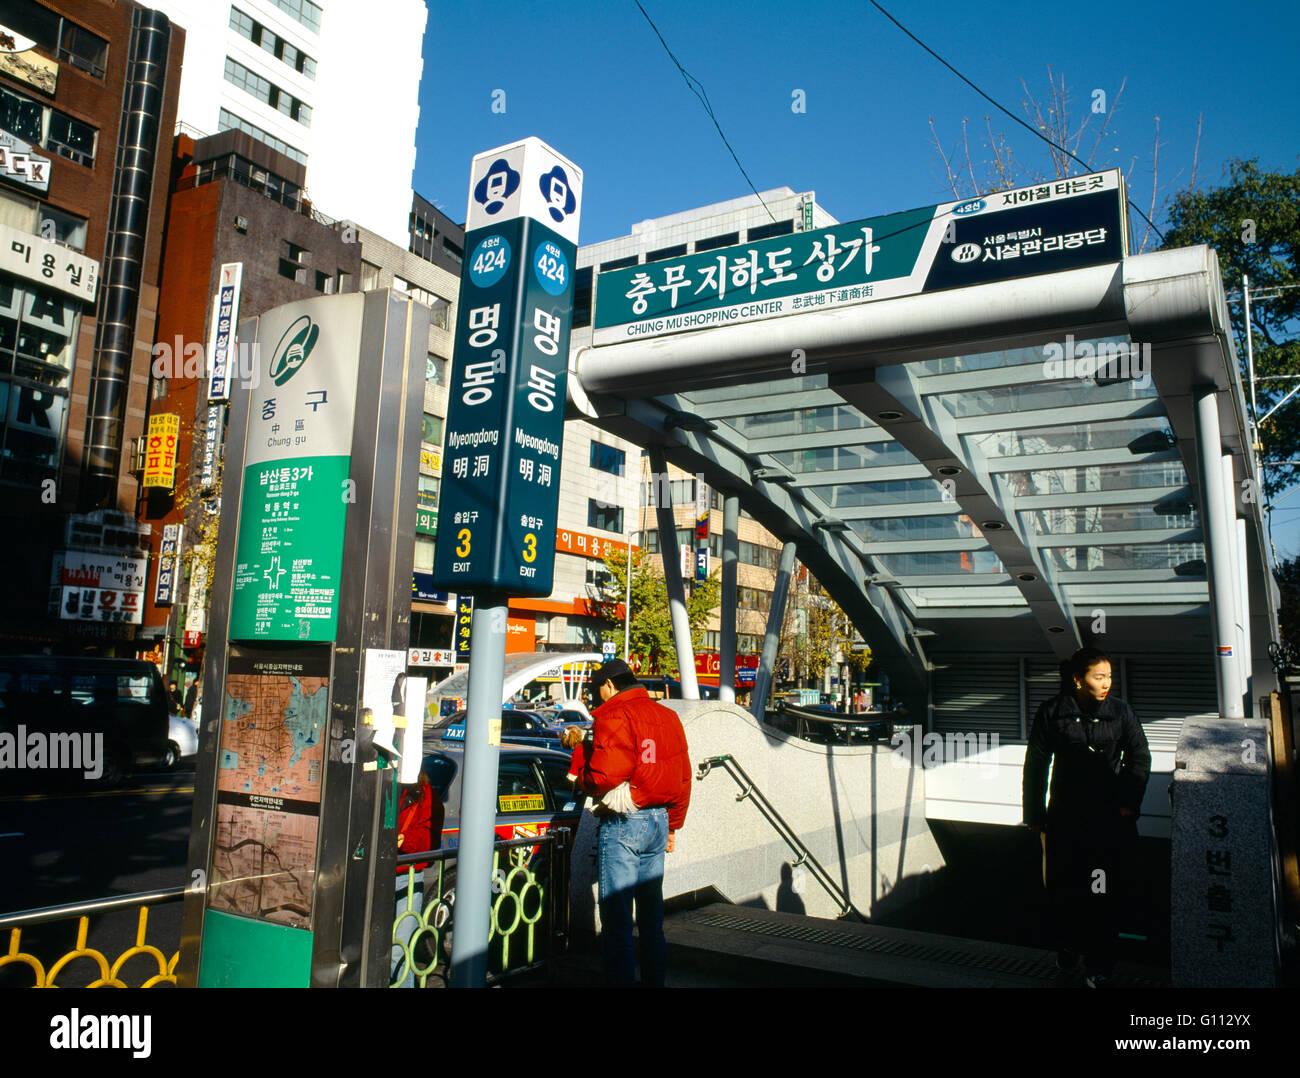 Subway Map Sign.Seoul South Korea Myeong Dong Subway Station Subway Sign Area Map